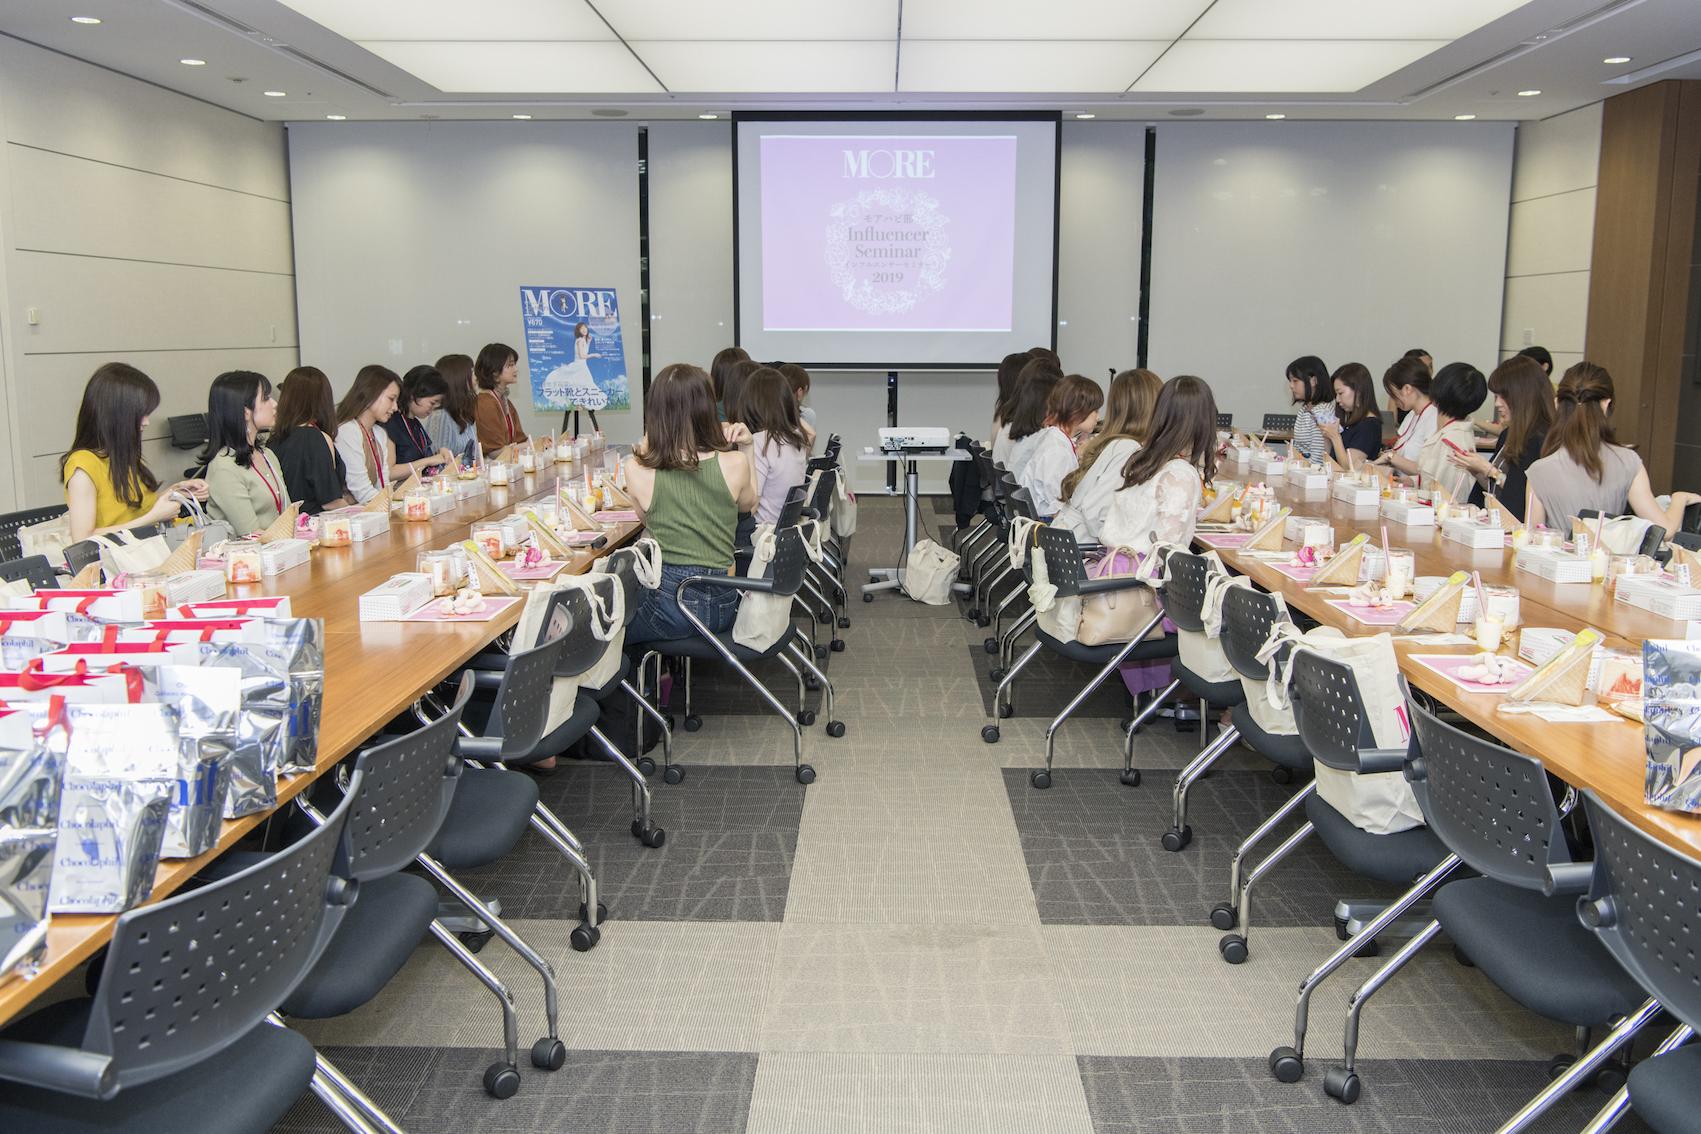 【デキる女子になるために】モアハピ部インフルエンサーセミナー2019に参加してきました!【その2】_1